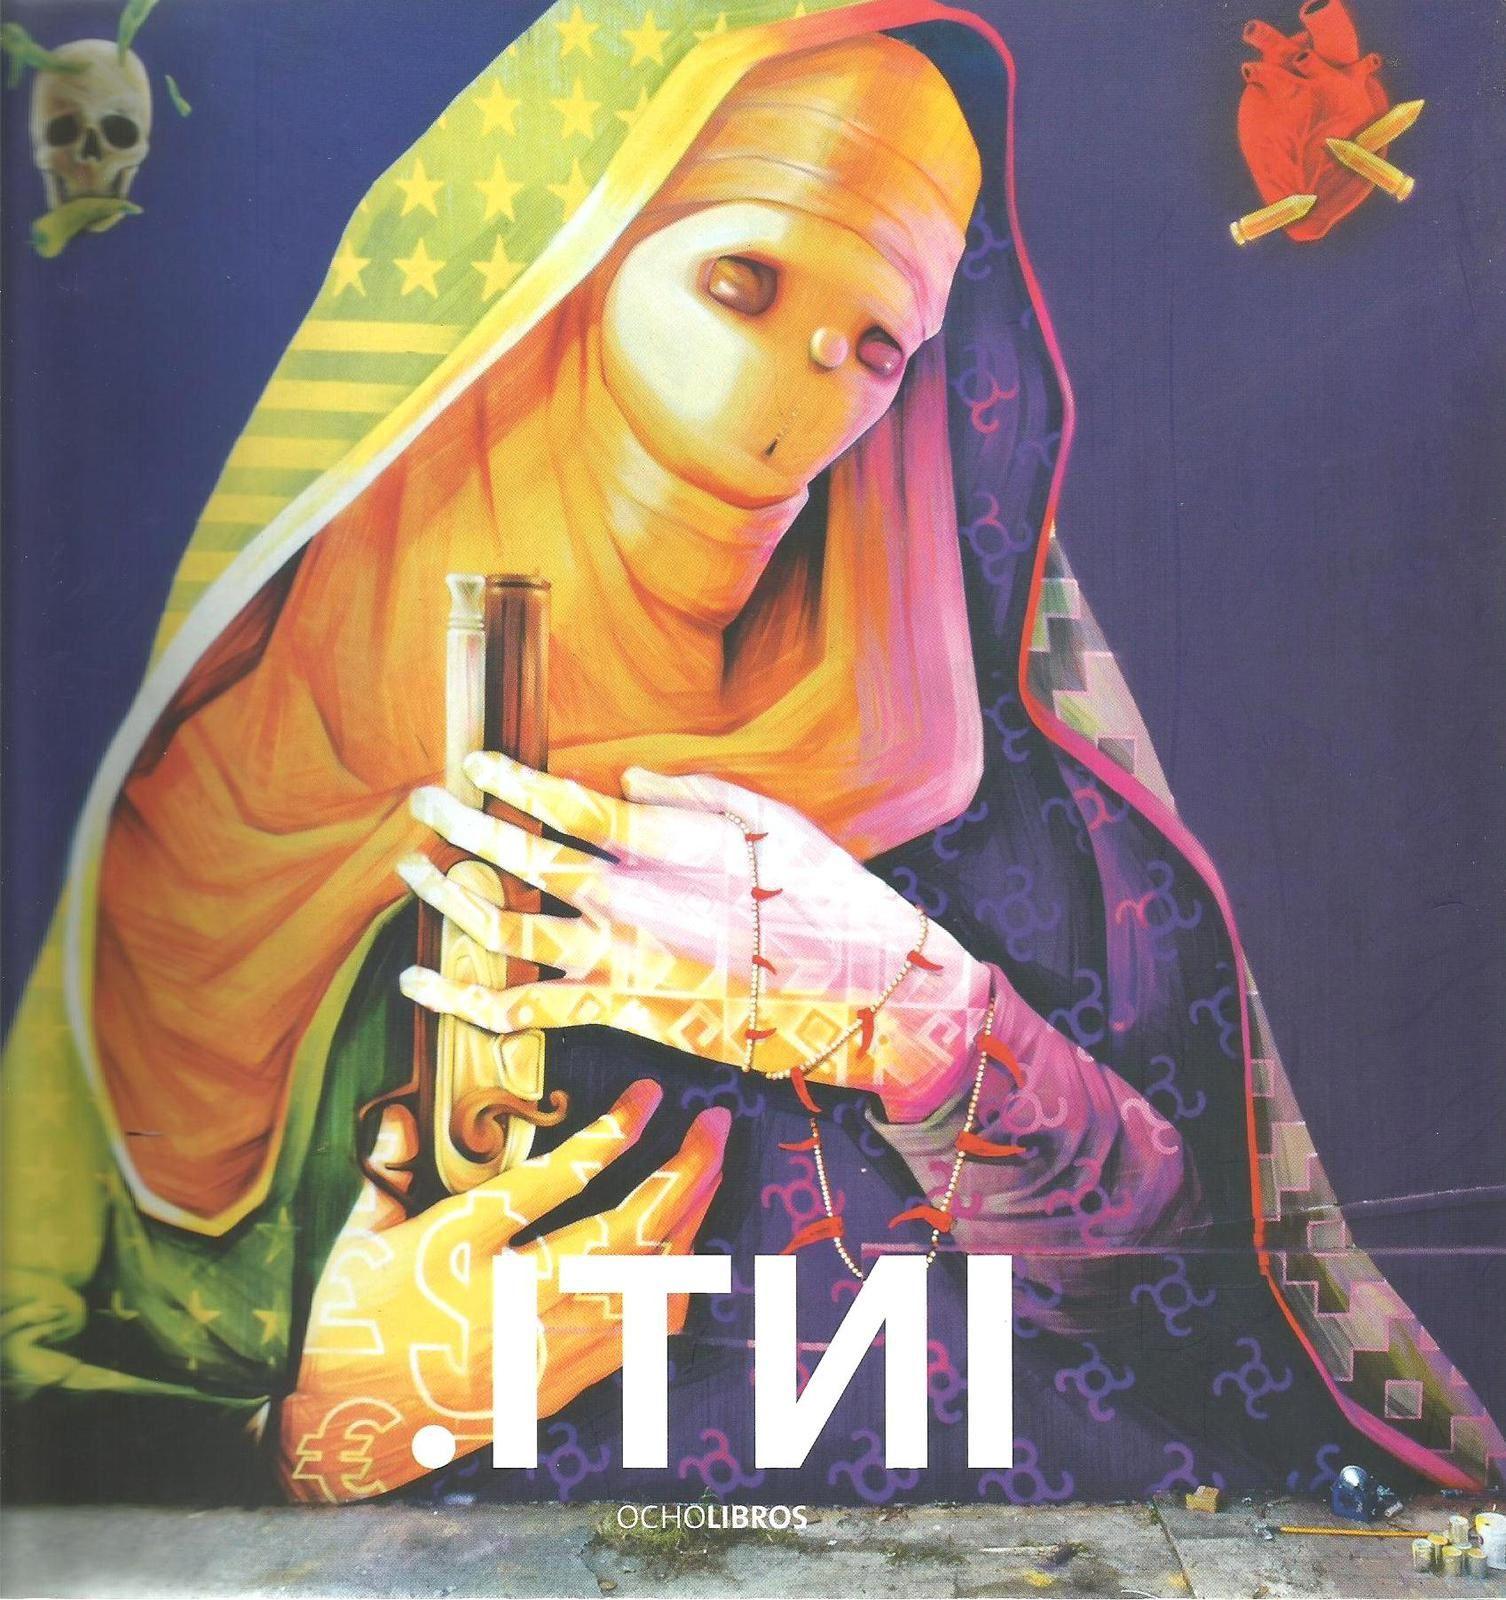 Couverture du livre consacré á INTI, publié par Ocholibros.